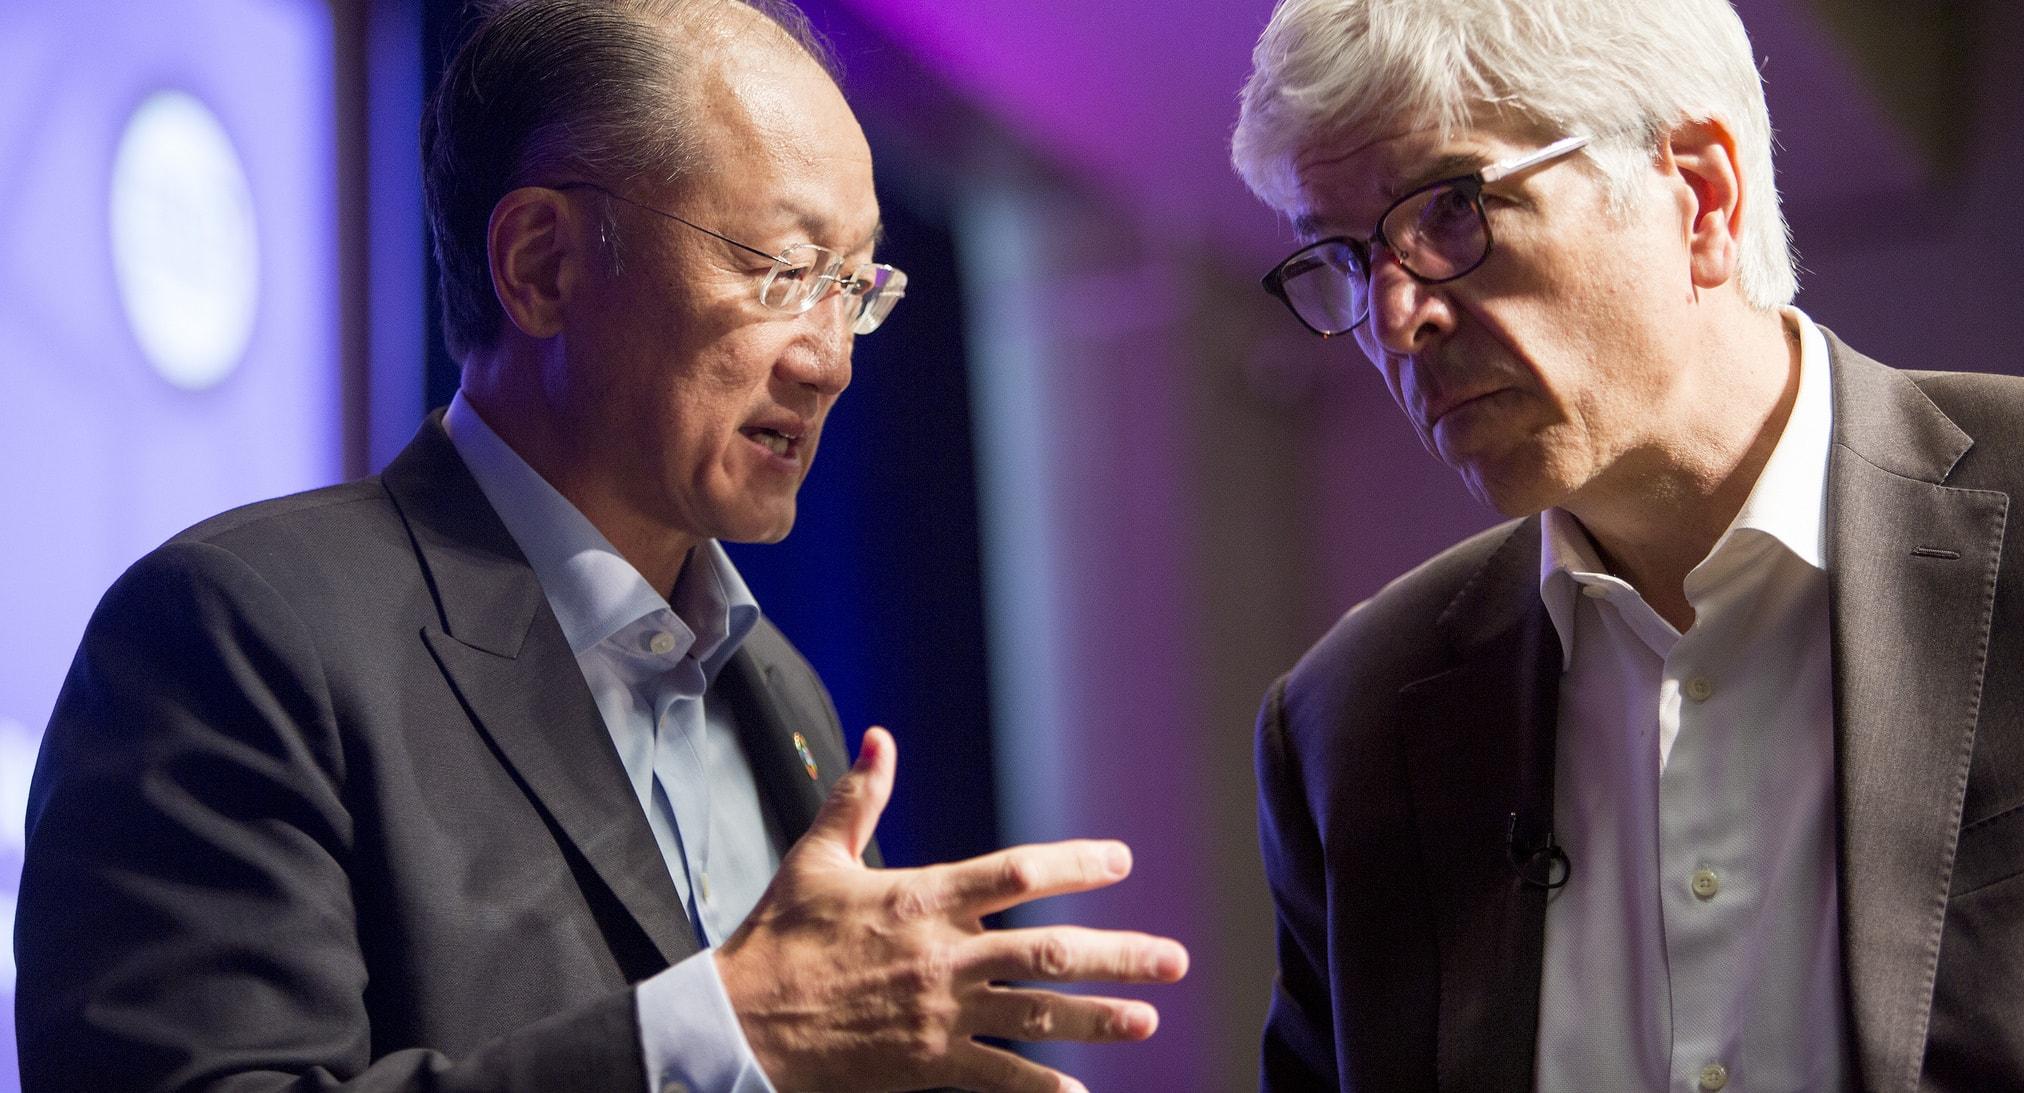 World Bank chief Kim Yong Jim and Paul Romer in October 2016 (Photo: World Bank/Flickr)